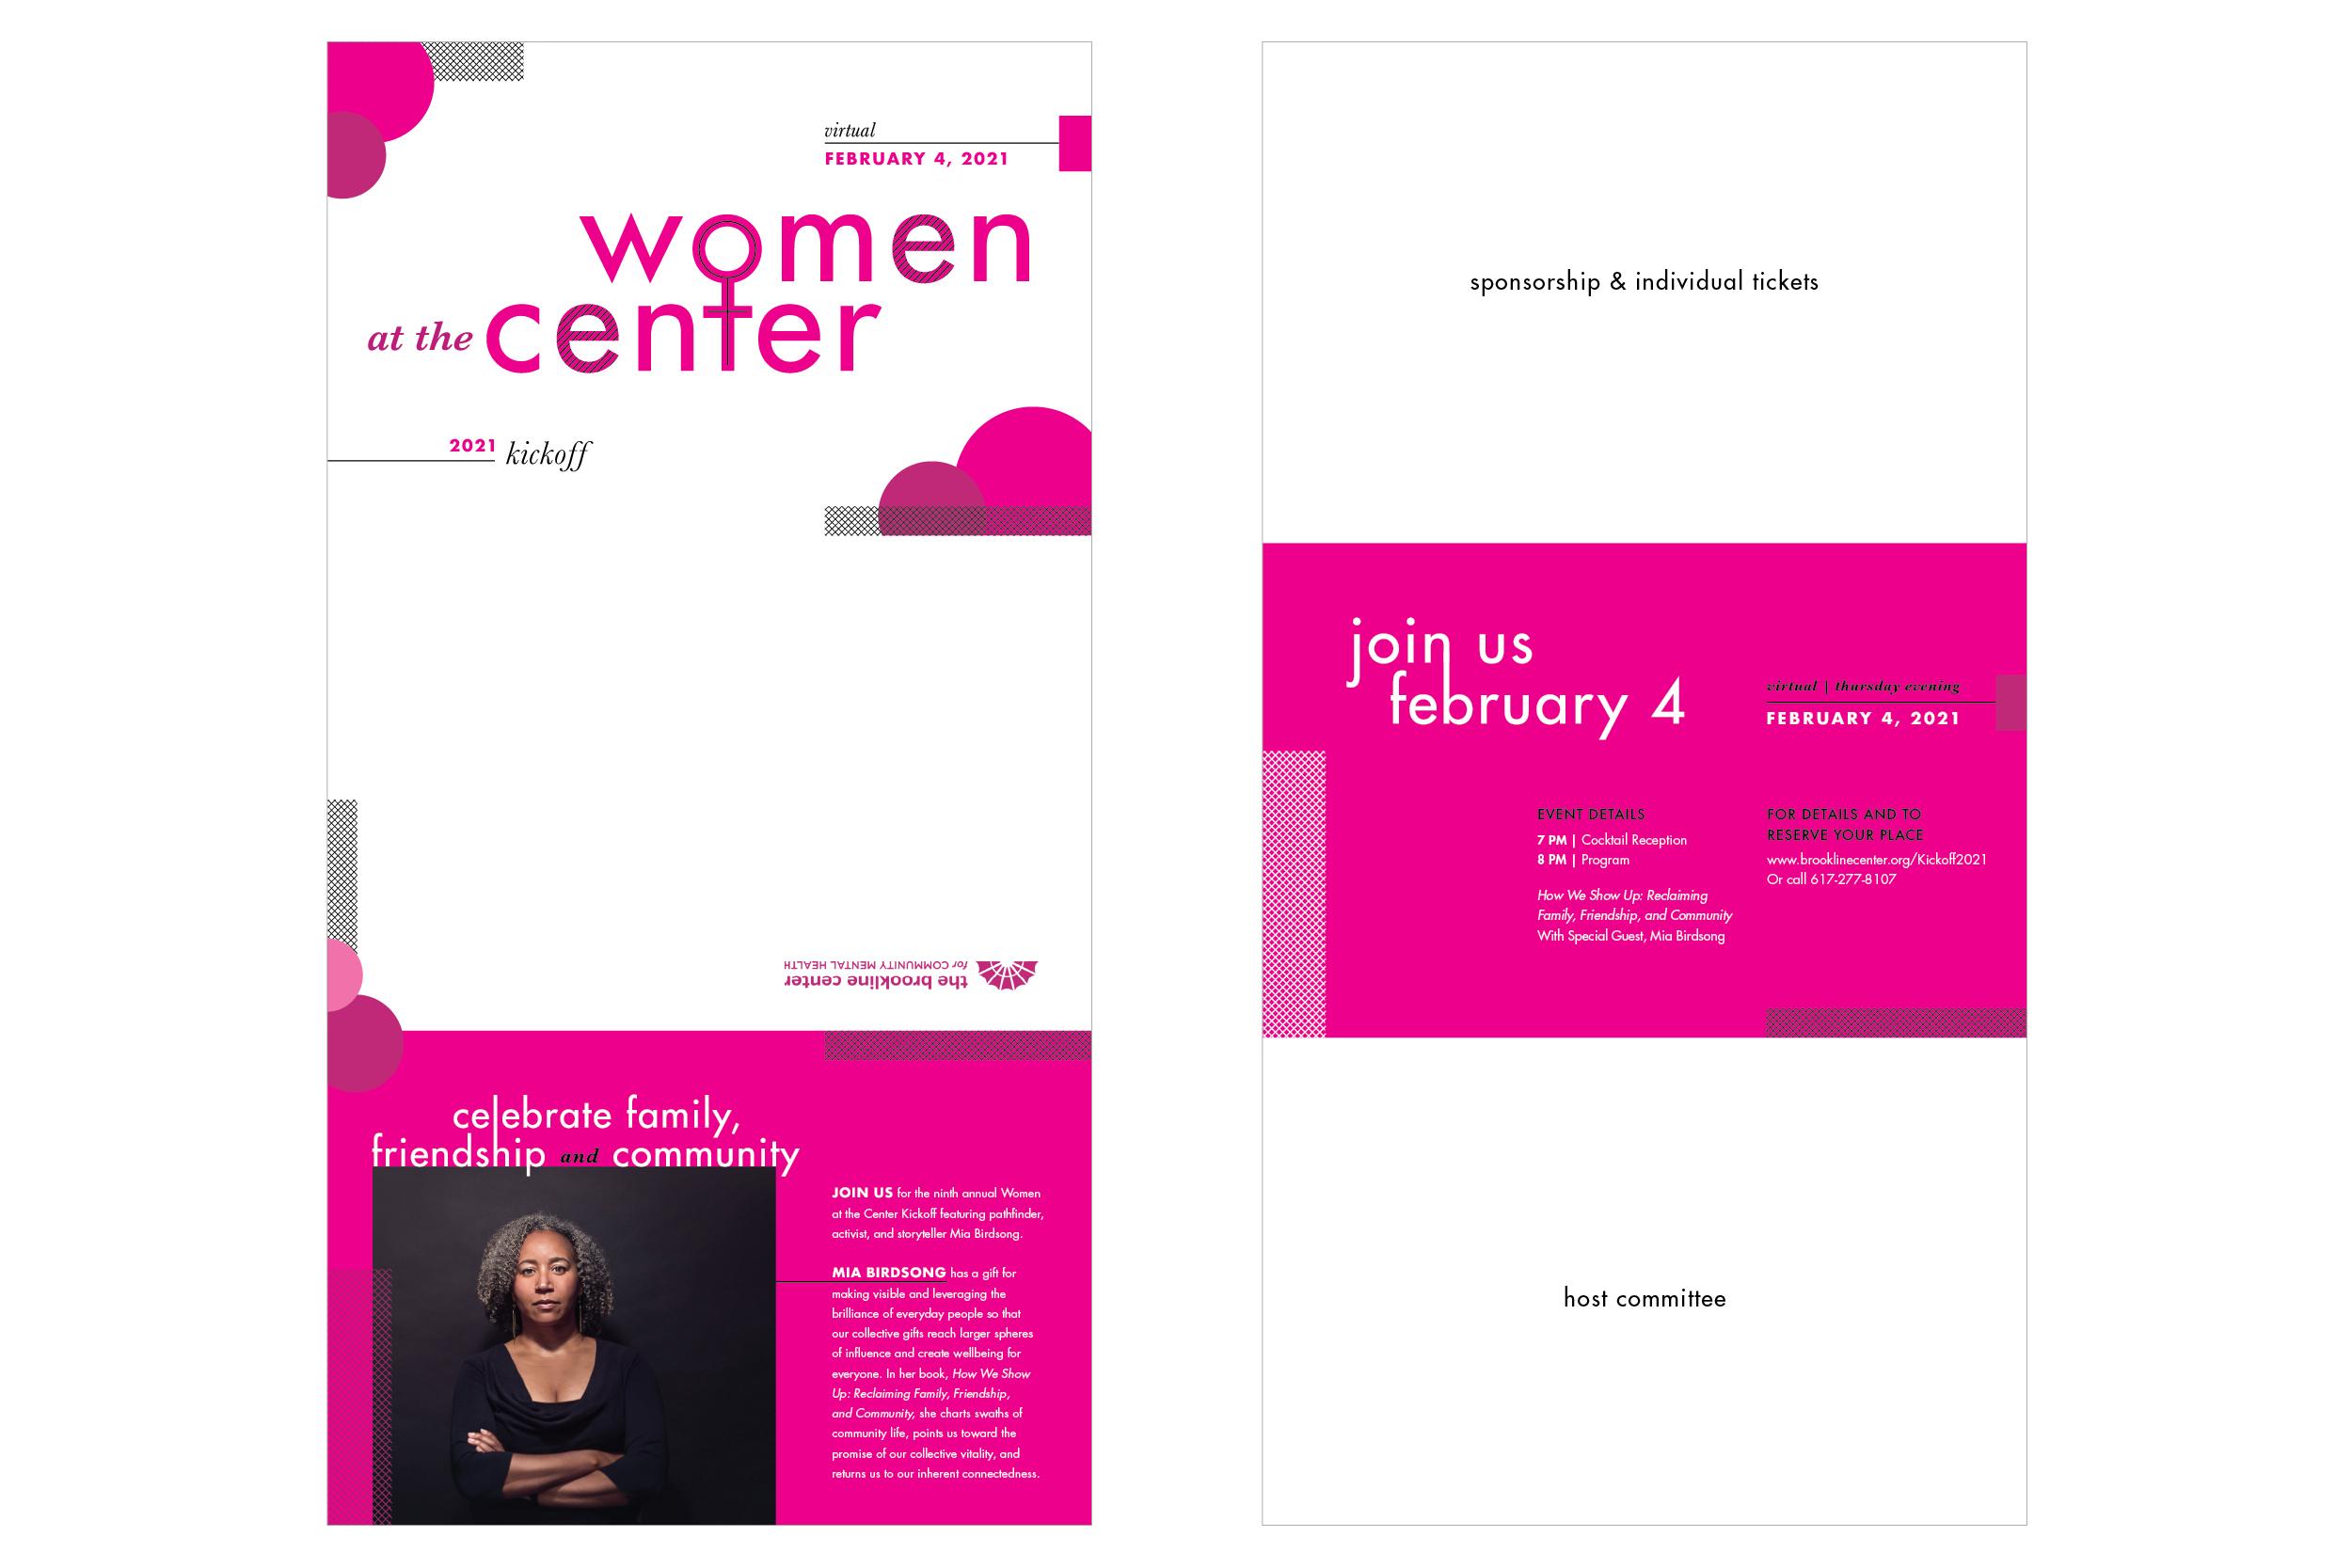 womenatthecenter_proposed2